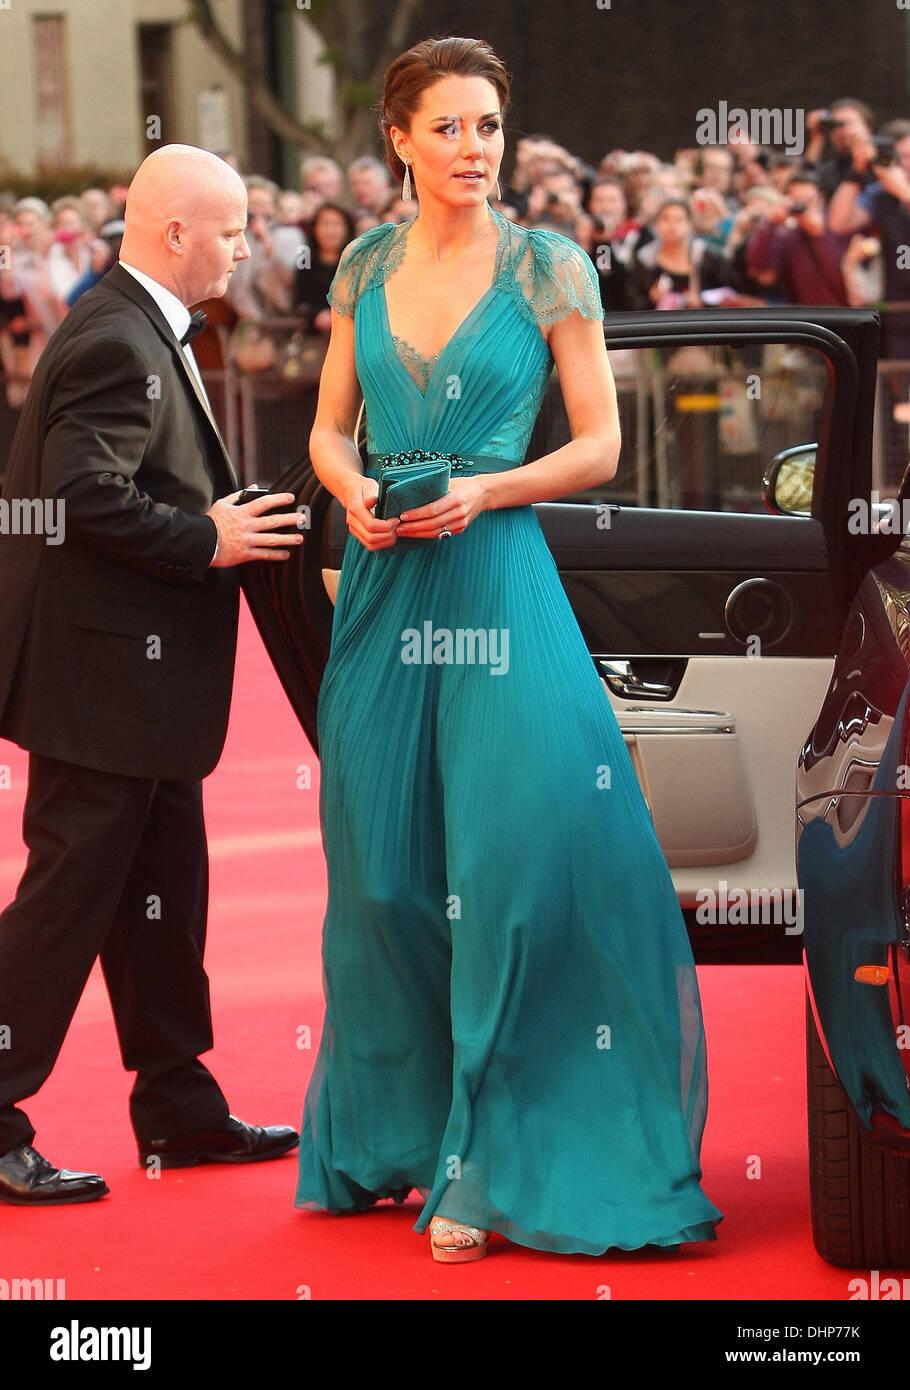 """Caterina, duchessa di Cambridge aka Kate Middleton arriva presso la Royal Albert Hall a partecipare a """"Il nostro grande Team sale"""" a sostegno del Team GB e Paralimpiadi GB prima le Olimpiadi di Londra 2012 Londra Inghilterra - 11.05.12 Immagini Stock"""